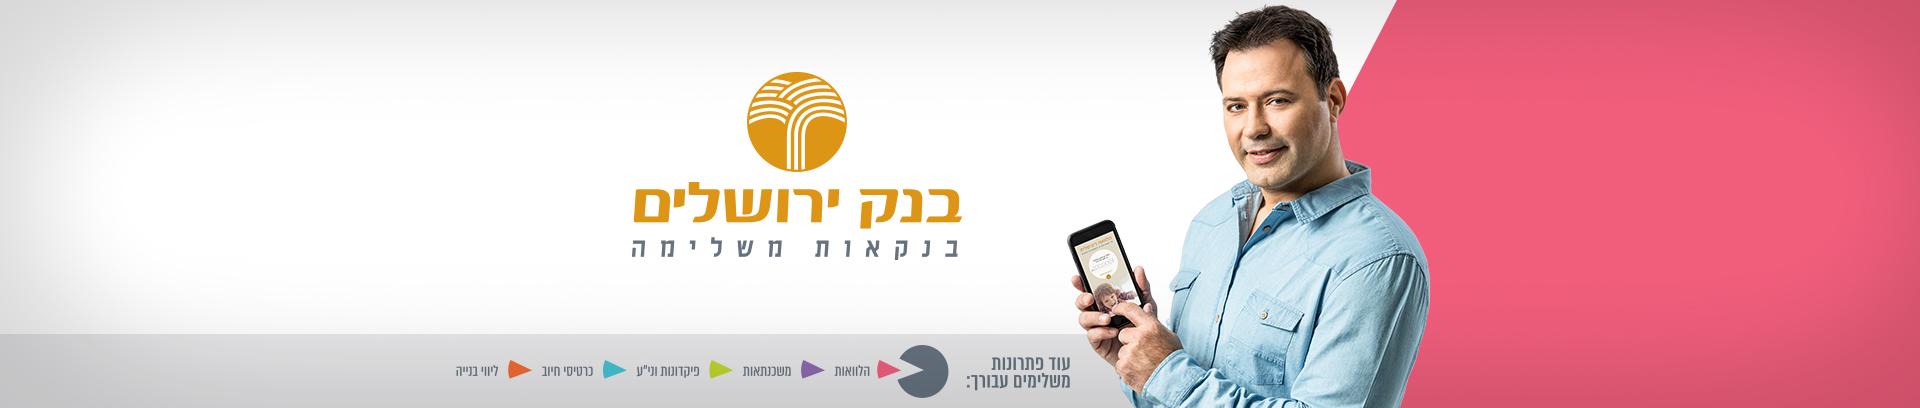 בנק ירושלים – הלוואה טובה ירושלים